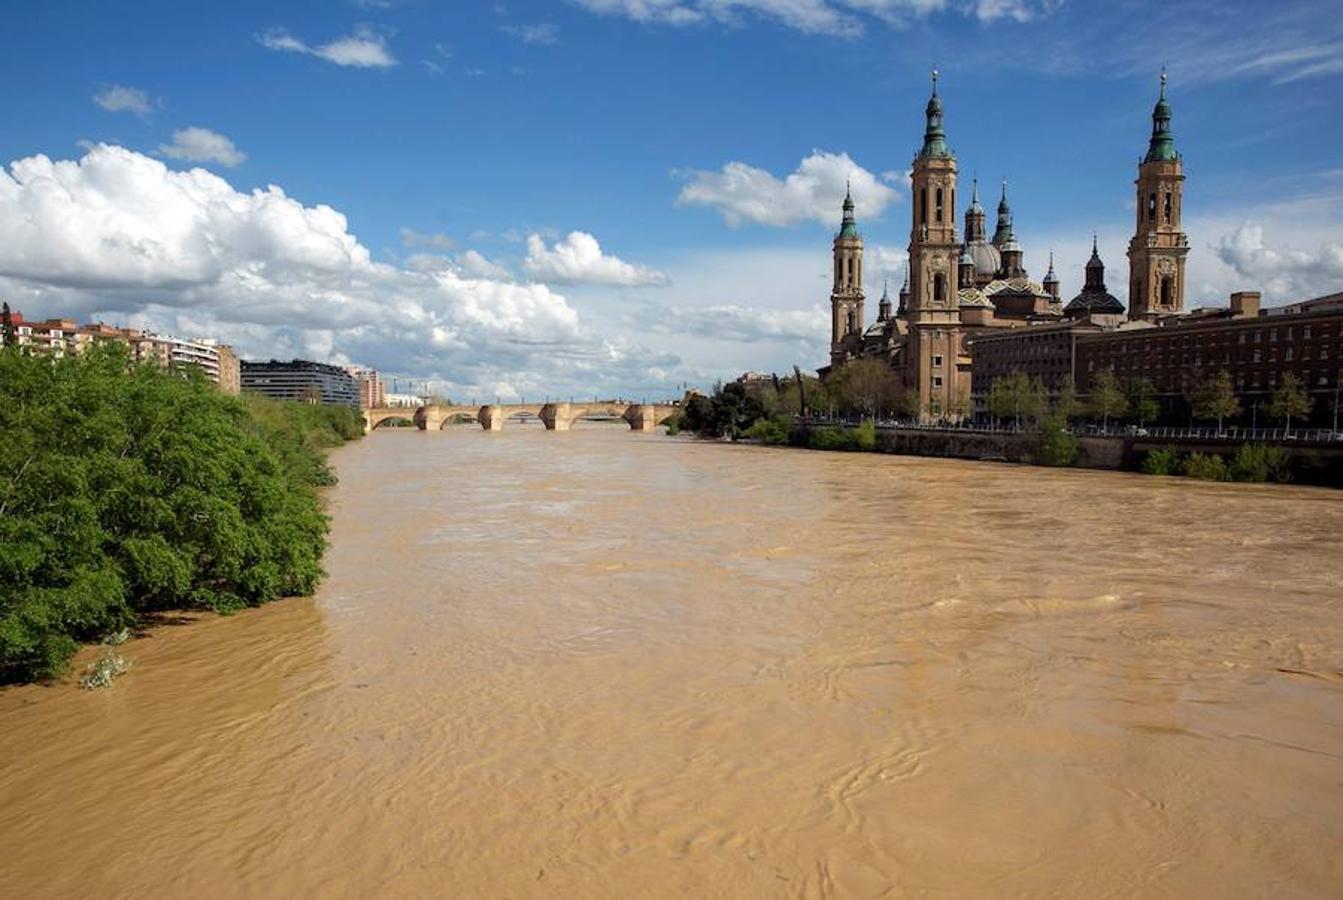 El río Ebro ha comenzado a desbordarse a su paso por Zaragoza. Seis tramos de la cuenca hidrográfica del Ebro se encuentran en alerta por crecidas de los cauces